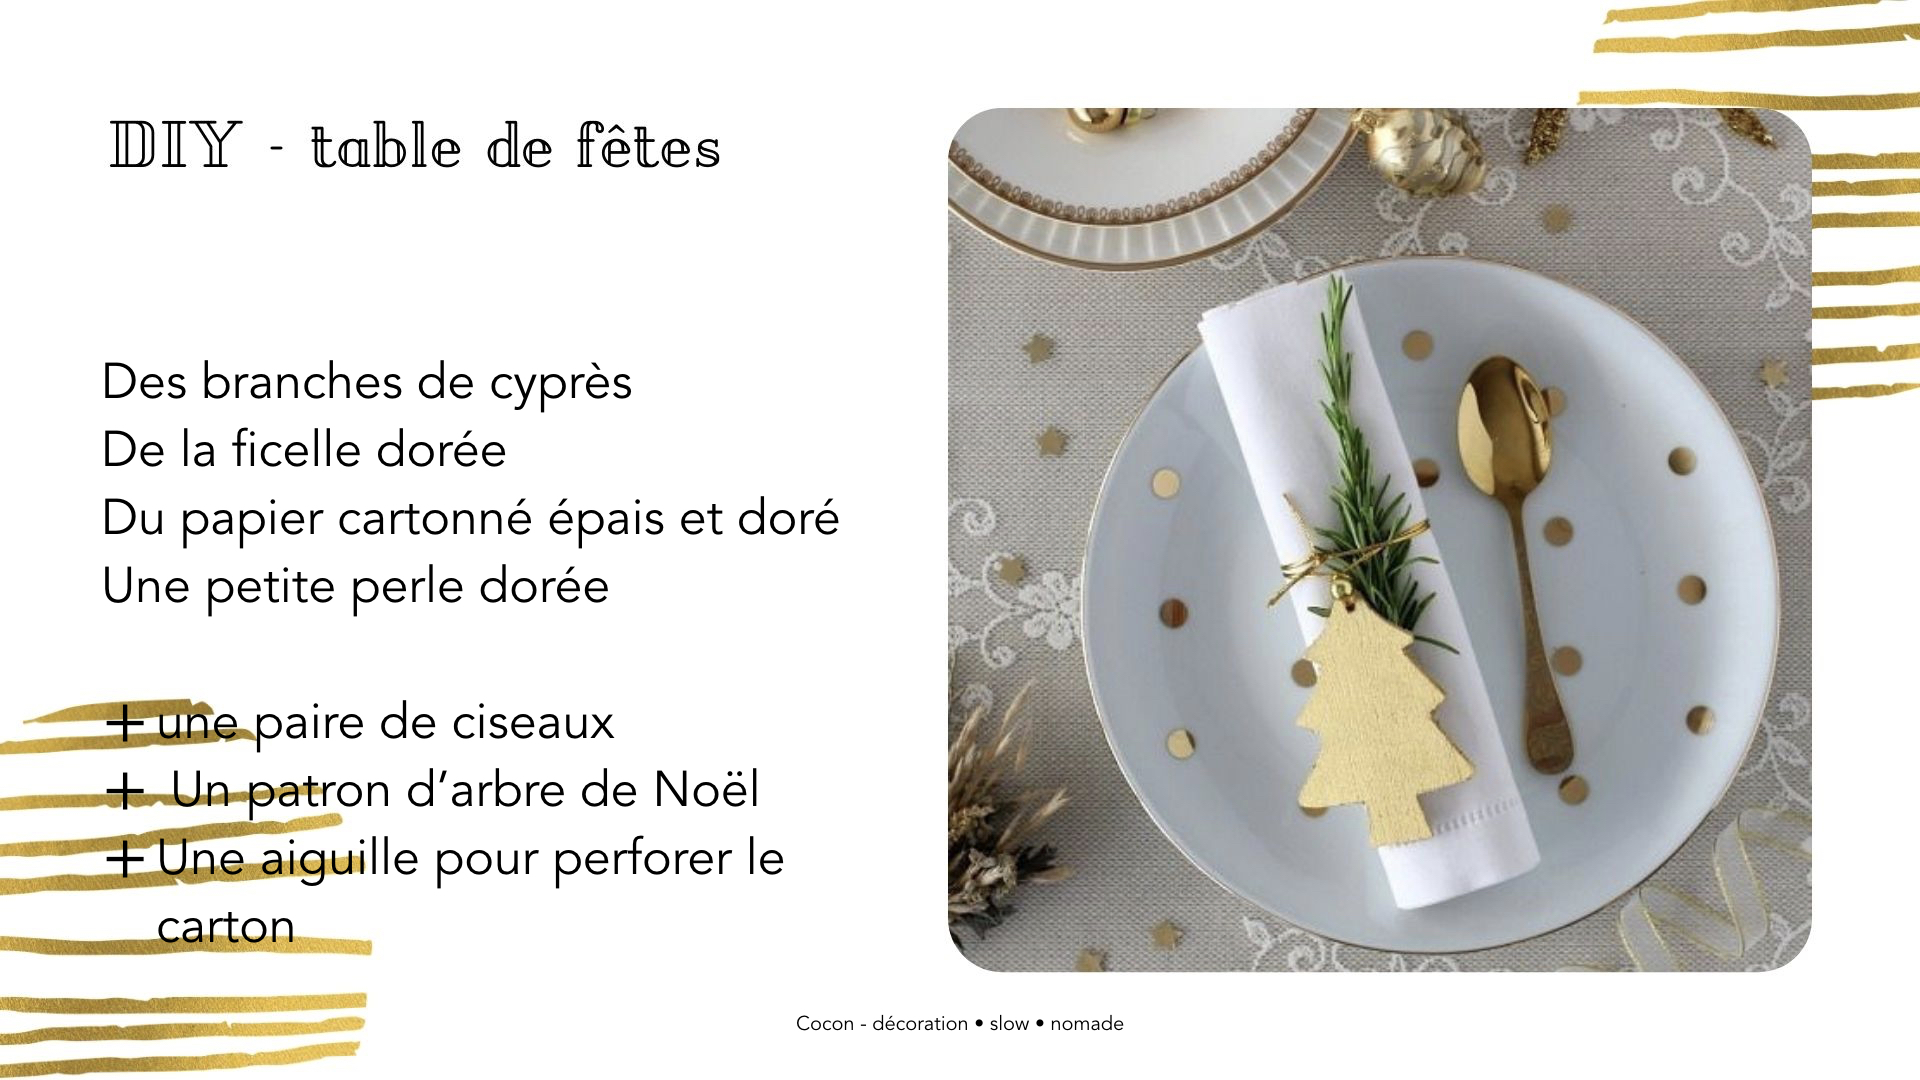 DIY table noel rond serviette facile sapin décoration dorée